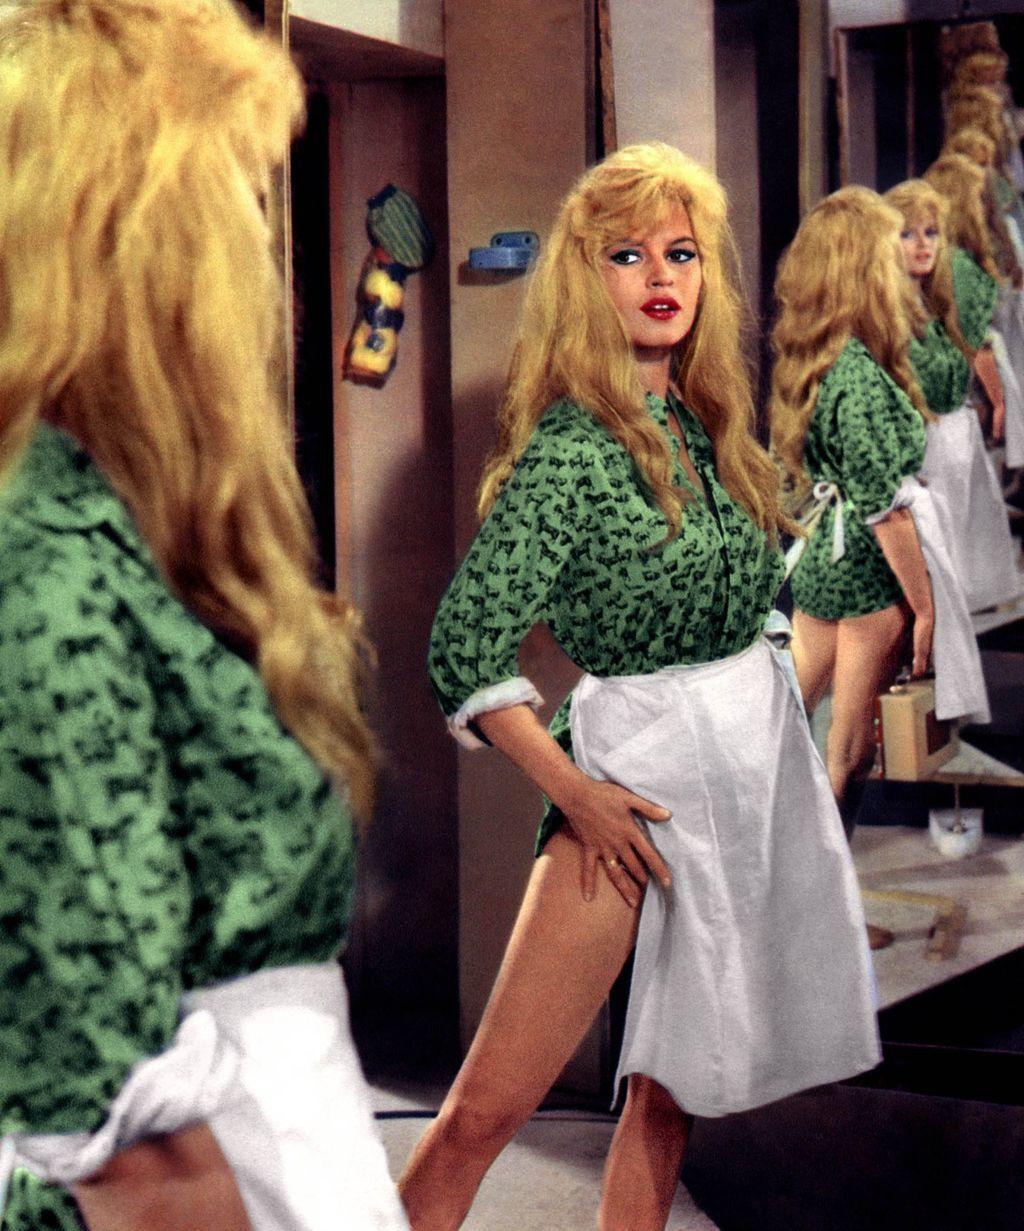 """1 ) Brigitte Bardot 2) Laurent Vergez et Brigitte Bardot en 1972 3) Brigitte Bardot dans """"Viva Maria!"""" en 1965 4) Brigitte Bardot et Lino Ventura dans """"Boulevard du Rhum"""" en 1971 5) Brigitte Bardot dans """"Une parisienne"""" en 1957 6) Brigitte Bardot dans """"Le trou normand"""" en 1952"""